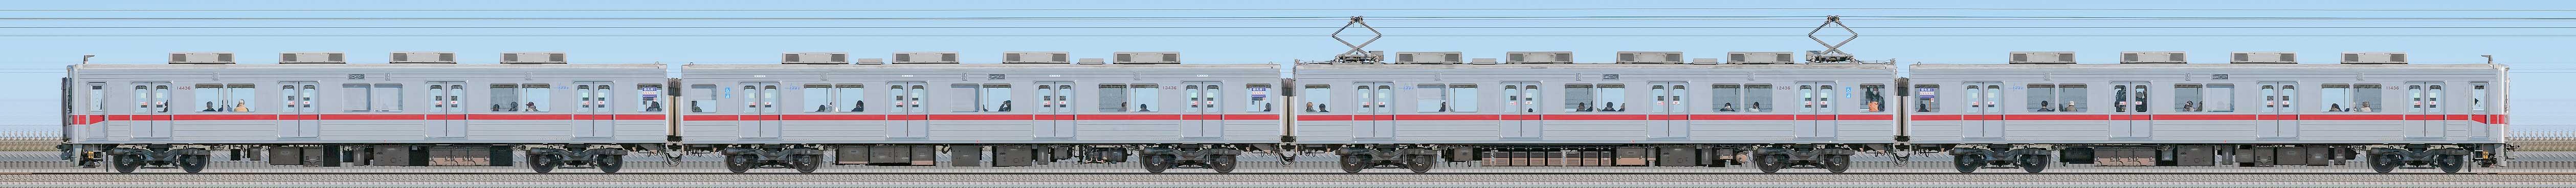 東武10030型(リニューアル車)11436編成(山側)の編成サイドビュー